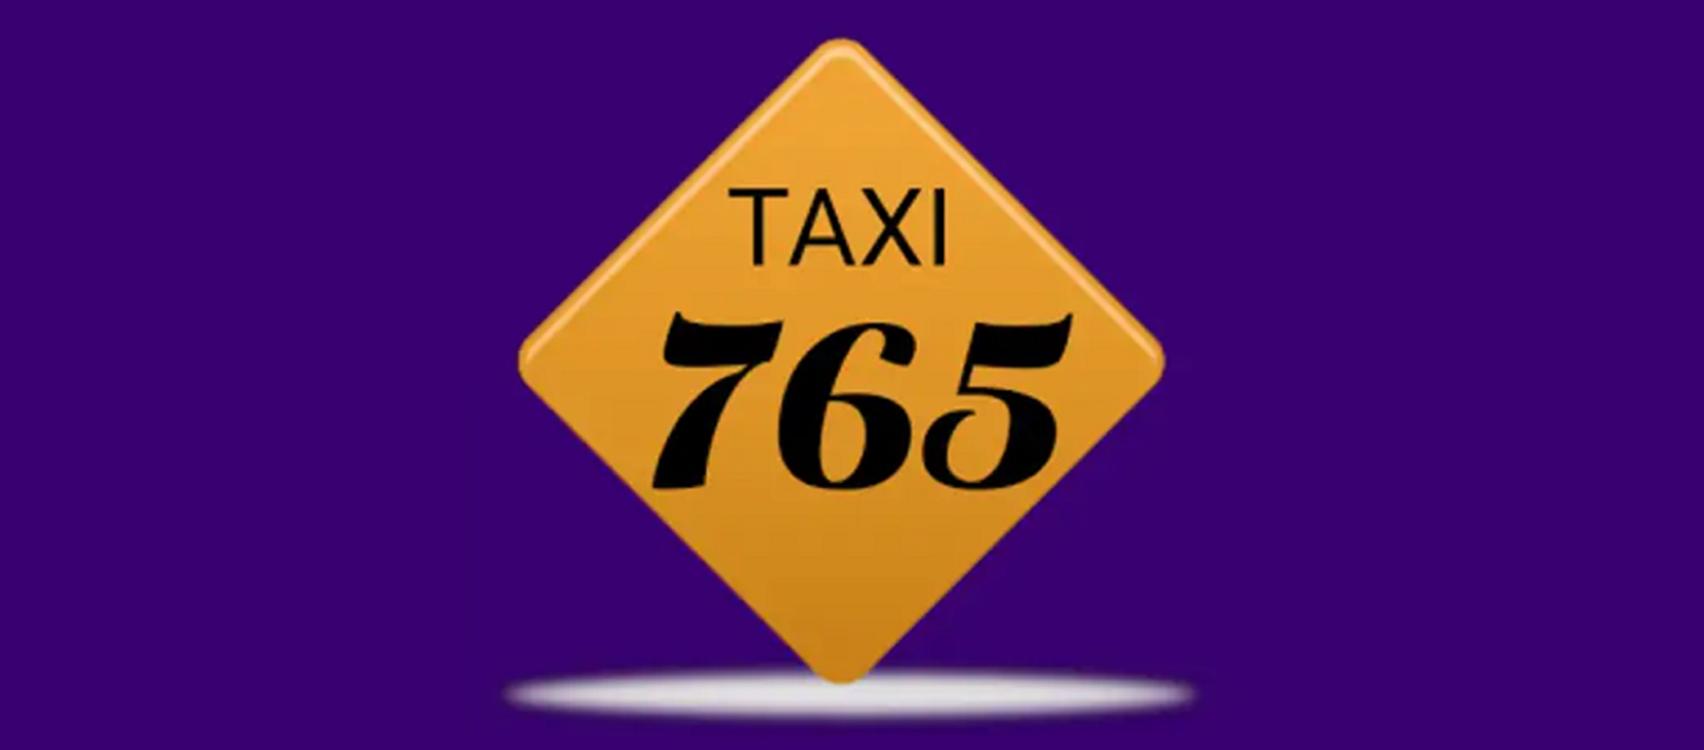 Таксі 765  (Черкаси)